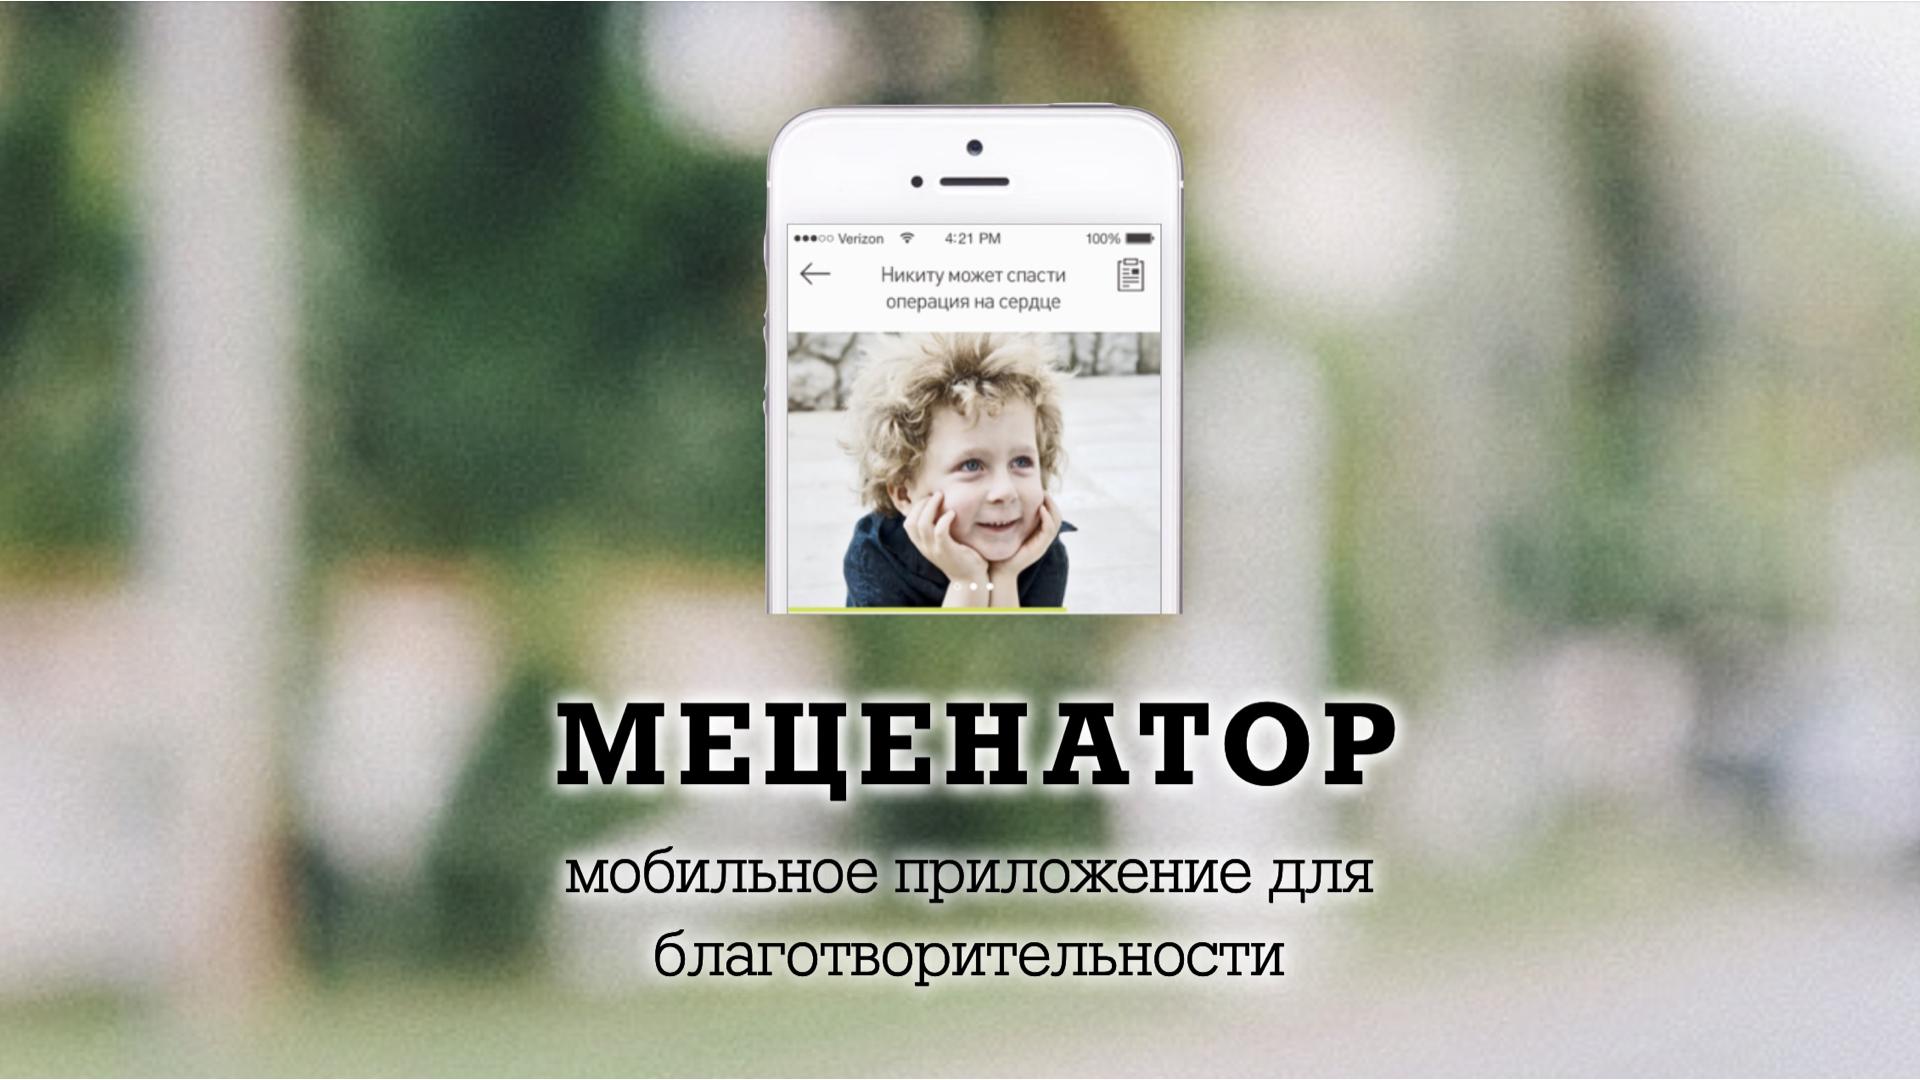 Кейс «Подготовка презентации без спикера о проекте Меценатор», 2013